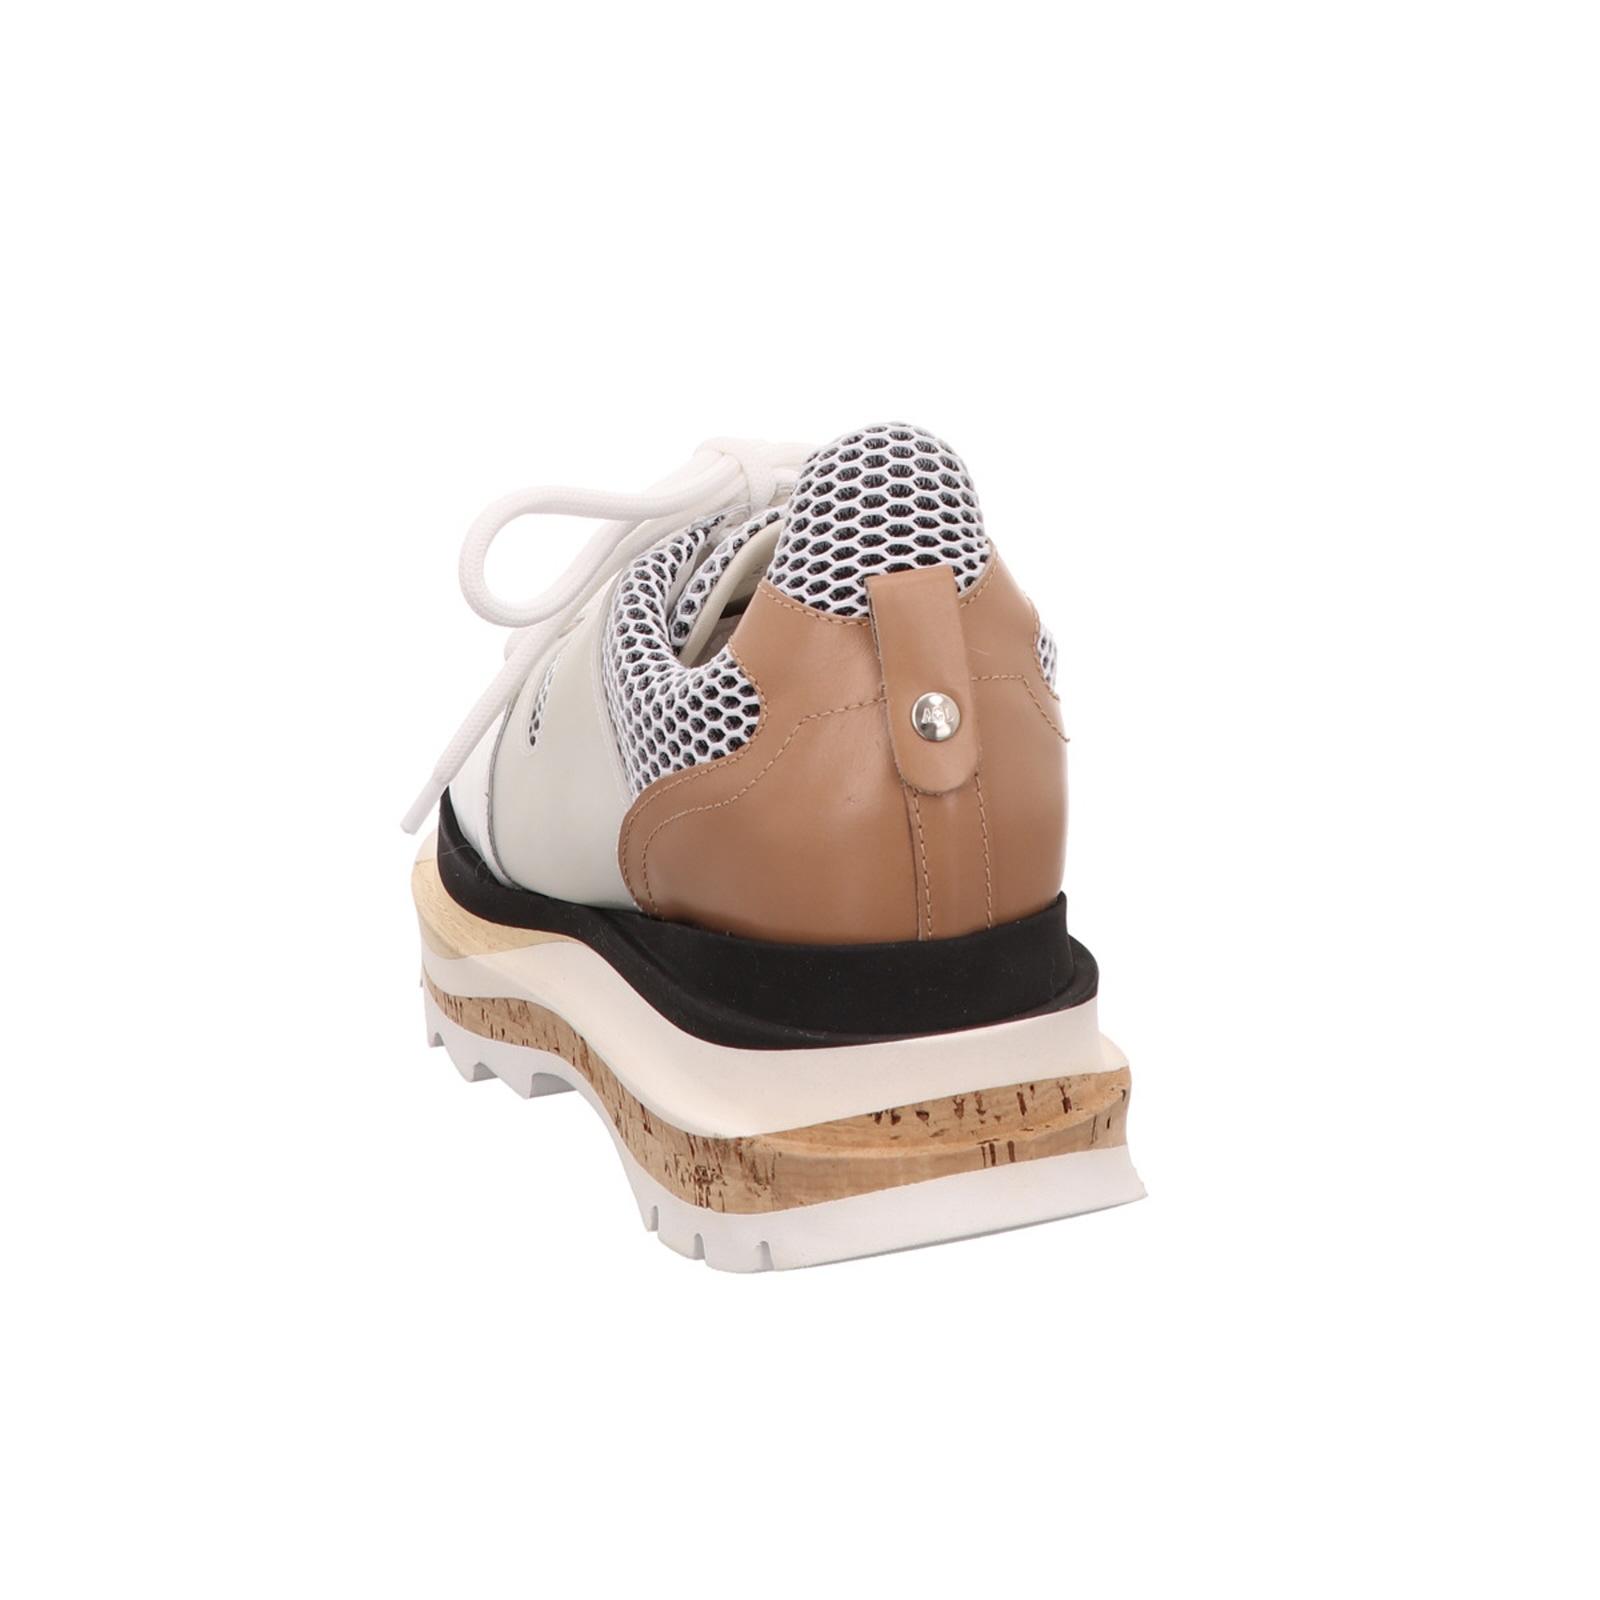 Damen Sneaker Attilio Giusti Leombruni Modisch weiss Glattleder NEU Gr.37,5